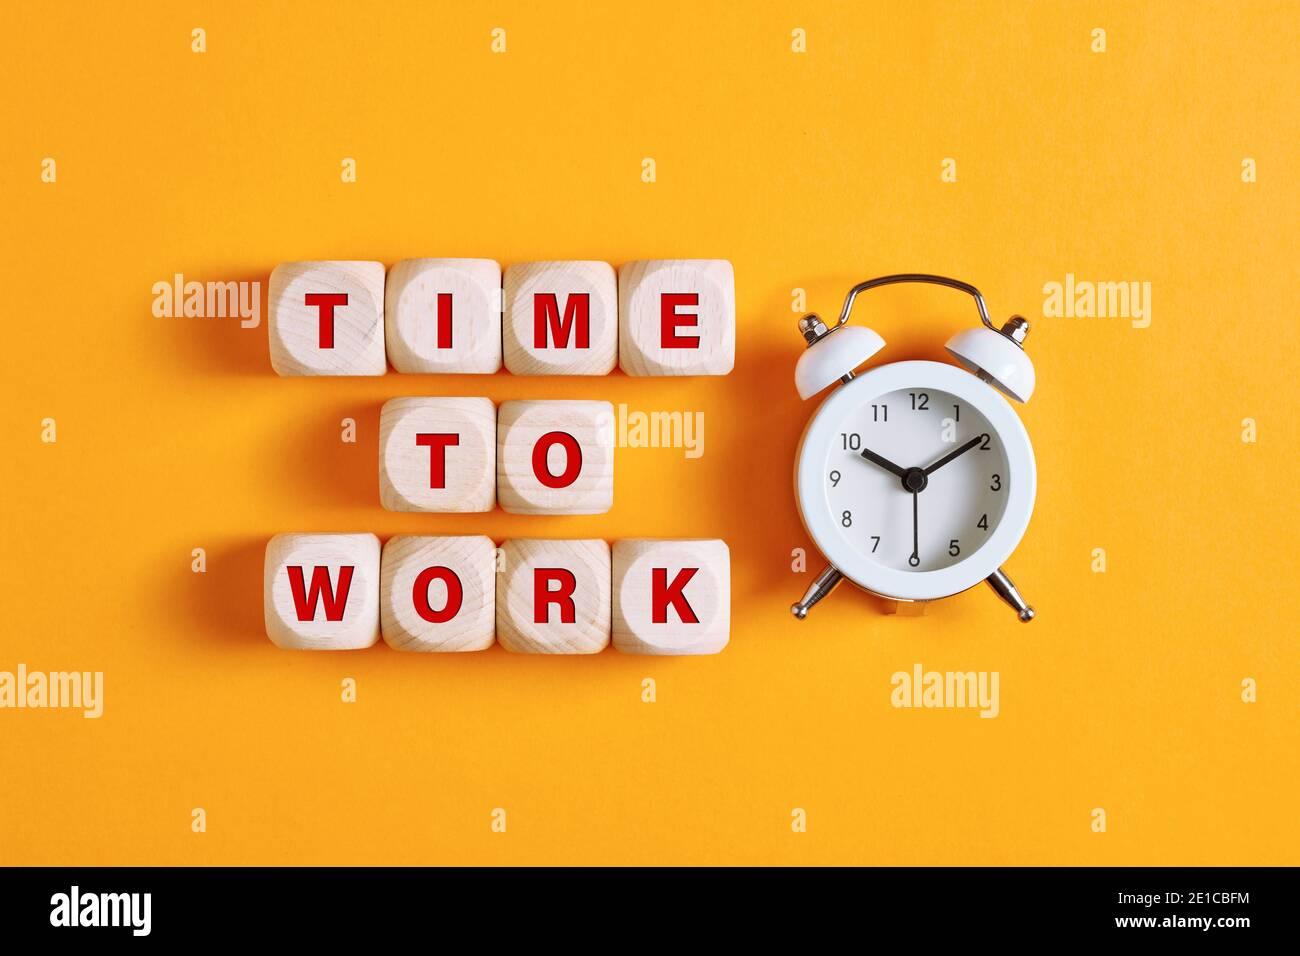 La palabra tiempo para trabajar en cubos de madera con reloj despertador. Negocio, carrera o trabajo duro concepto. Foto de stock